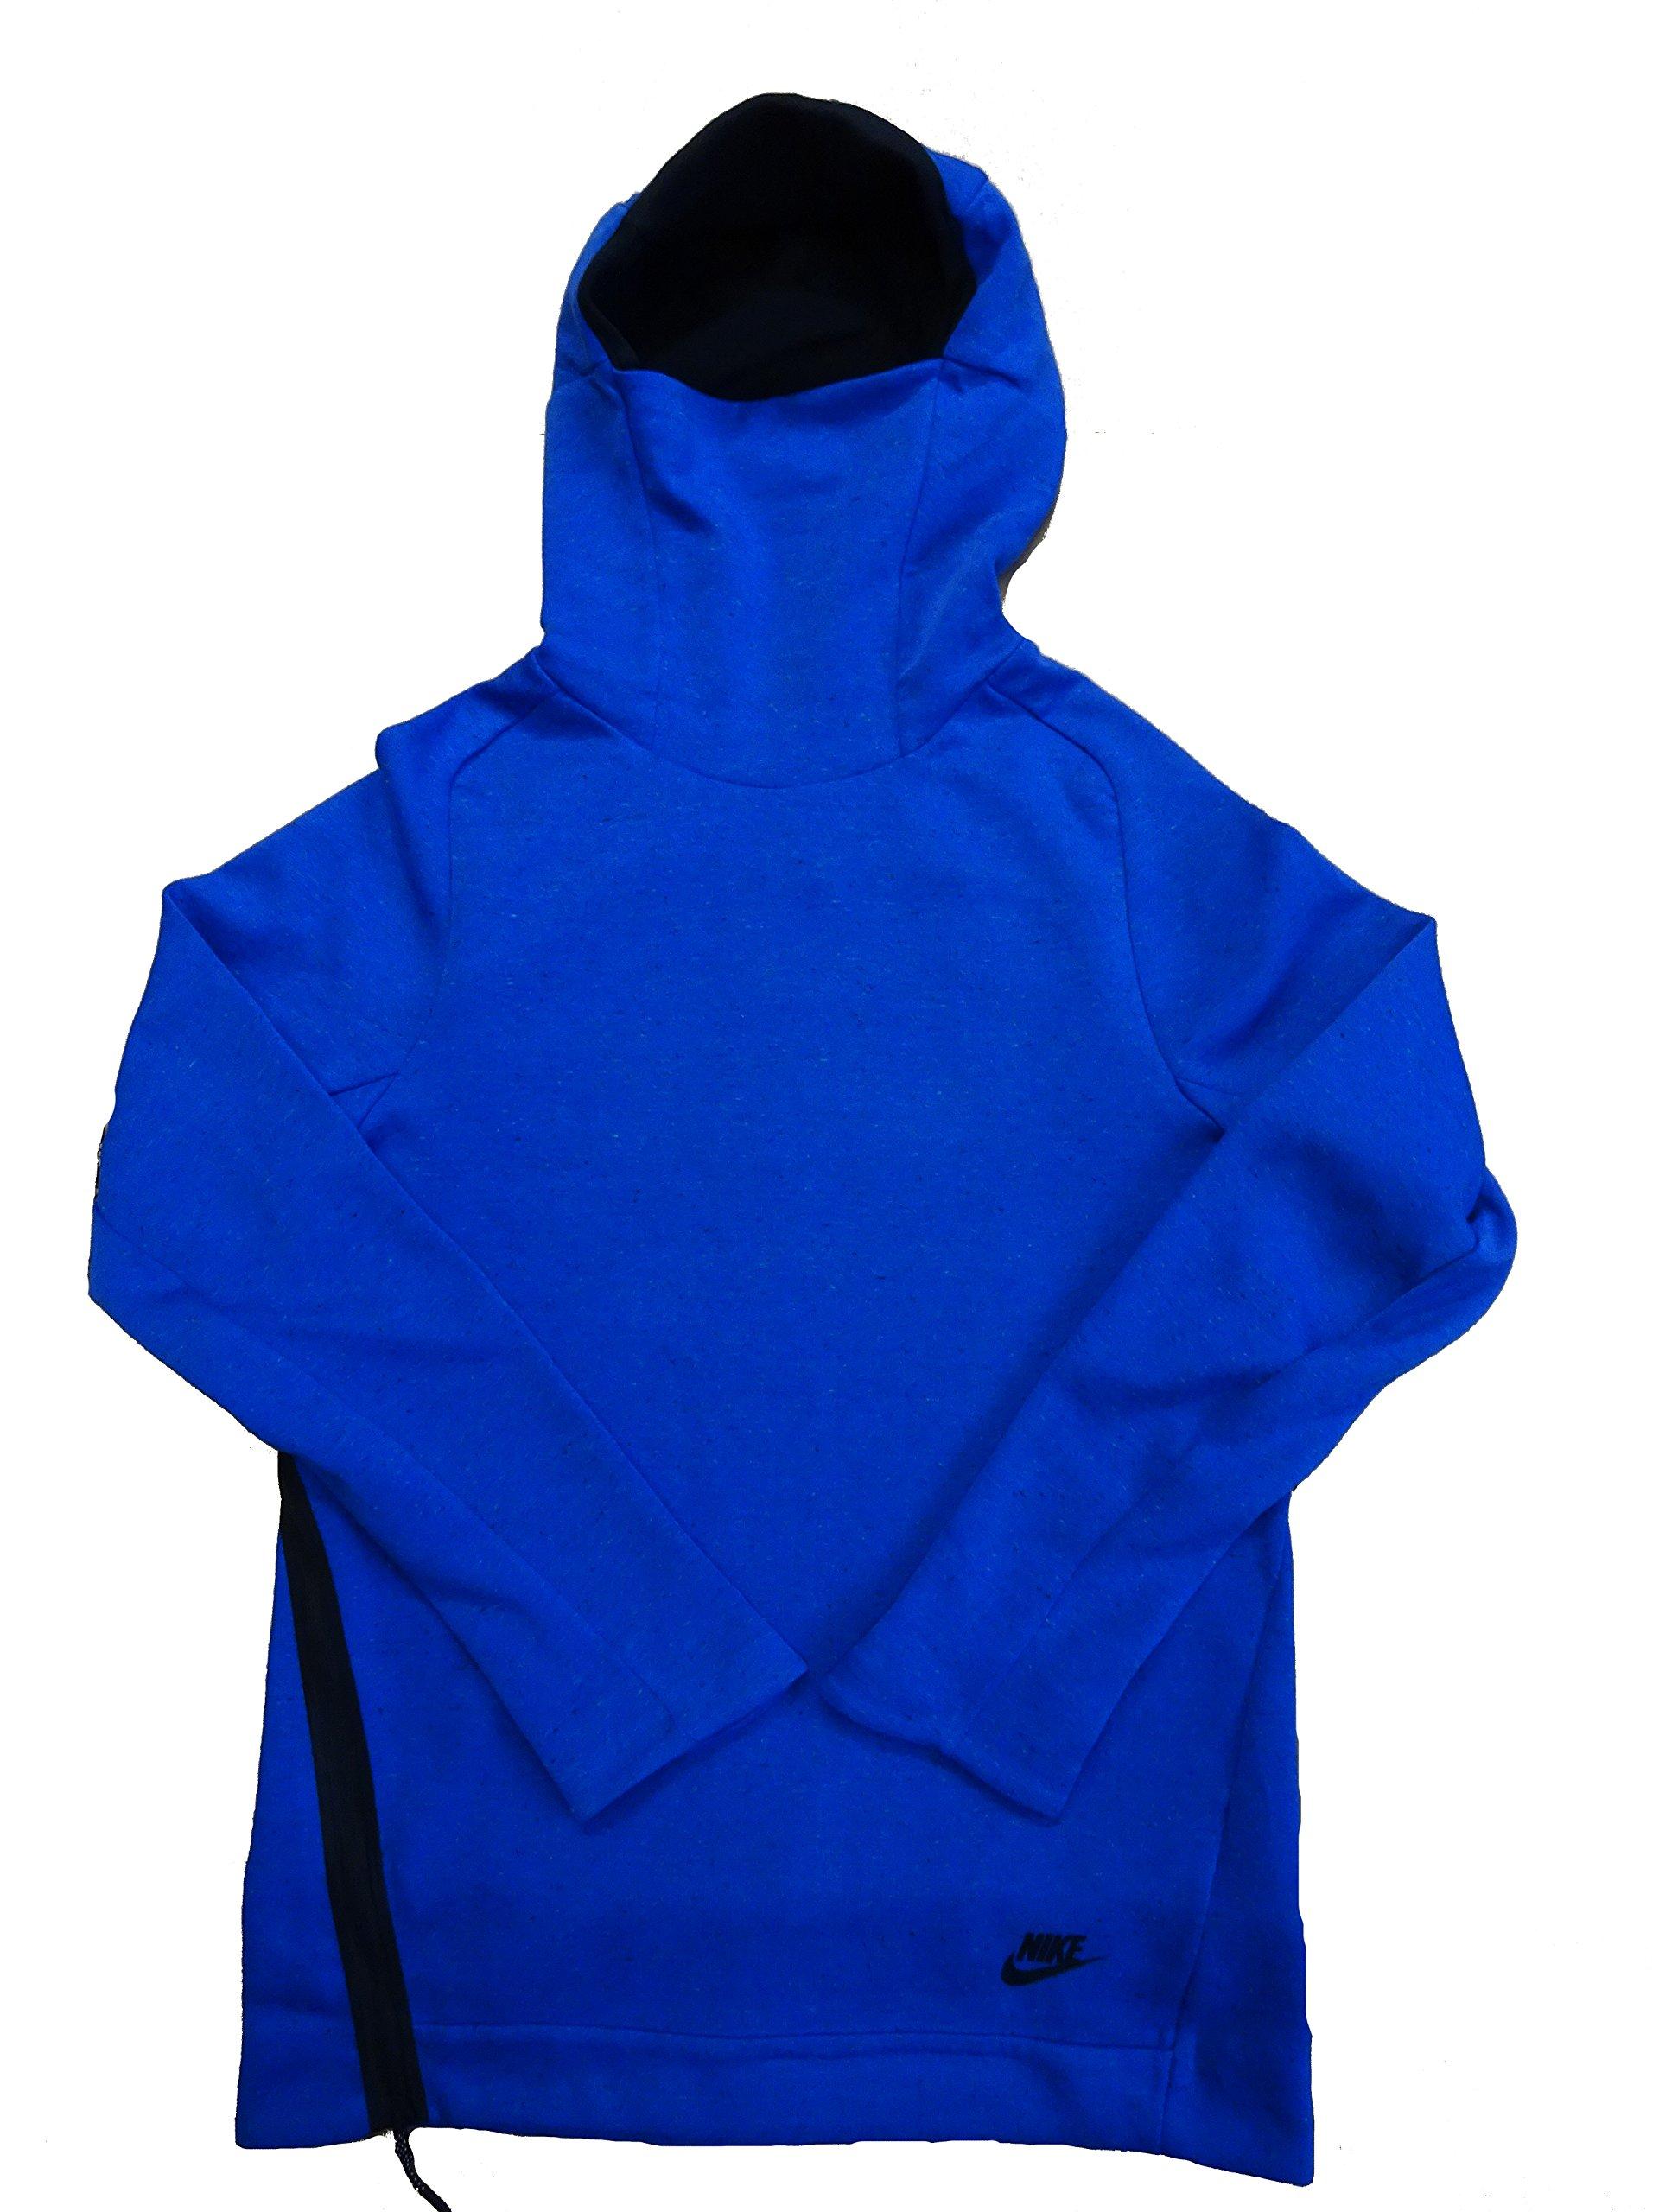 Nike Sportswear Mens Tech Fleece Funnel Neck Pull Over Hoodie 805214 Jacket (Large, Blue Black 402) by NIKE